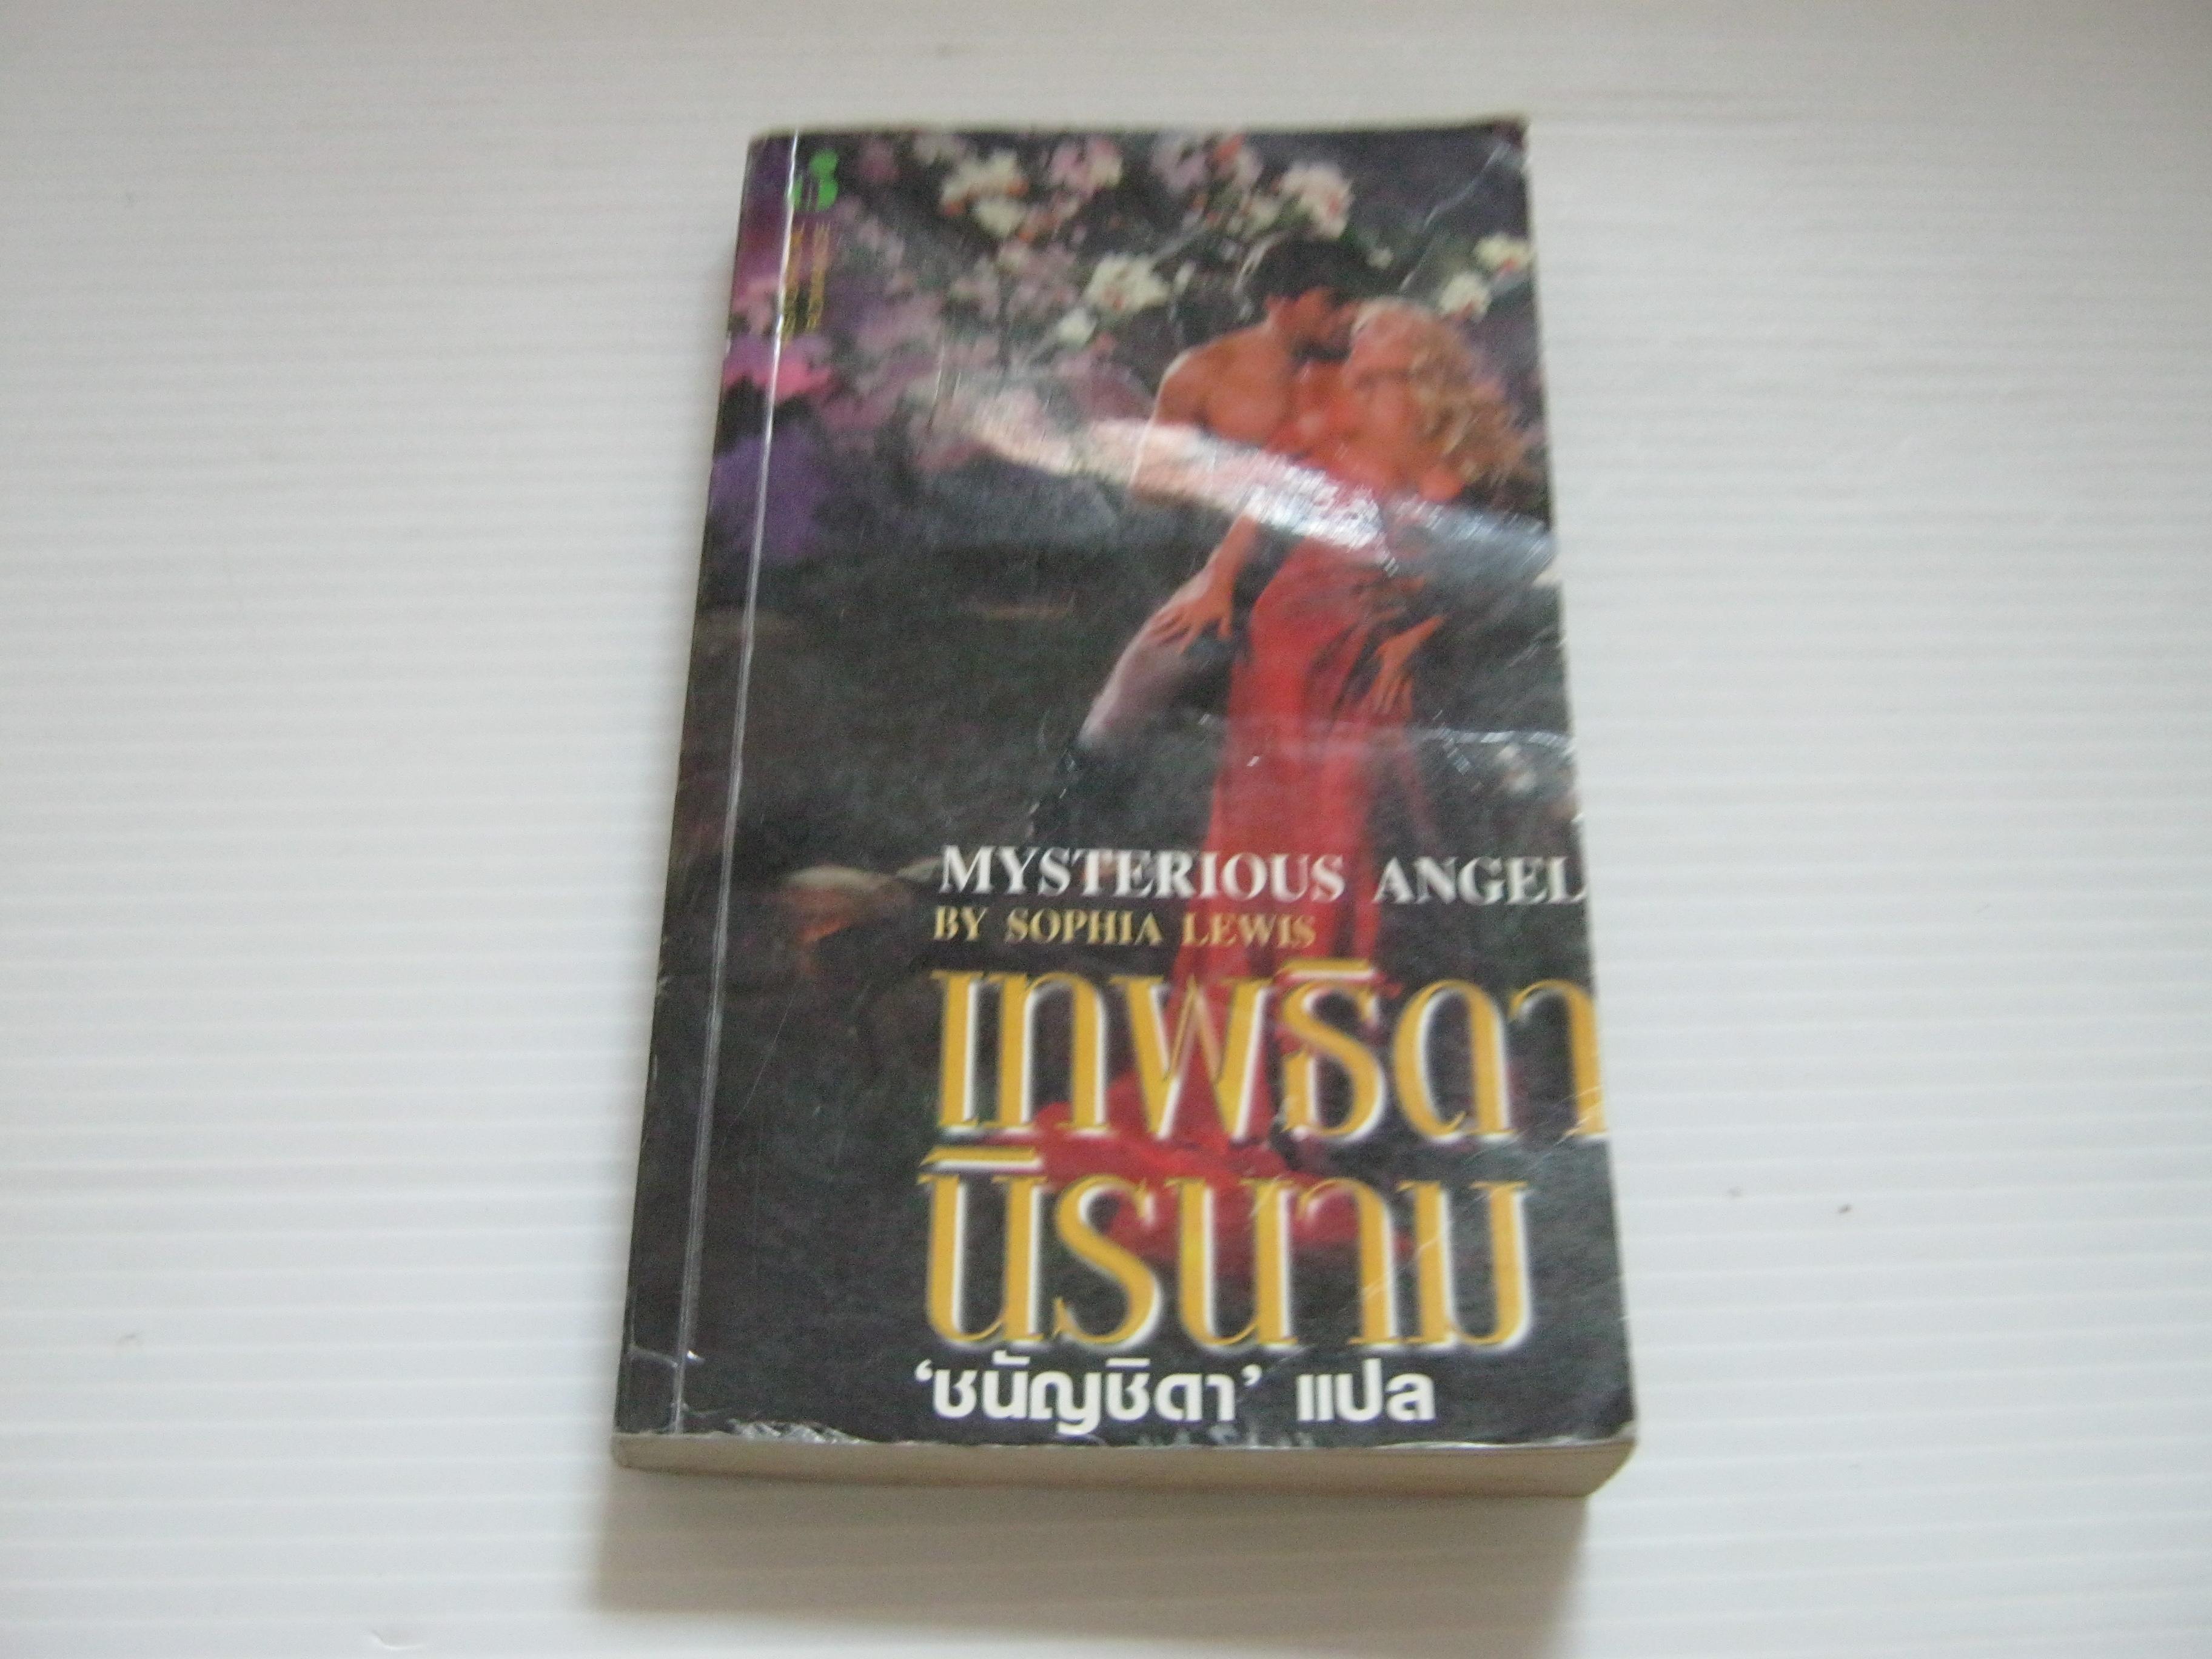 เทพธิดานิรนาม (Mysterious Angel) Sophia Lewis เขีน ชนัญชิดา แปล